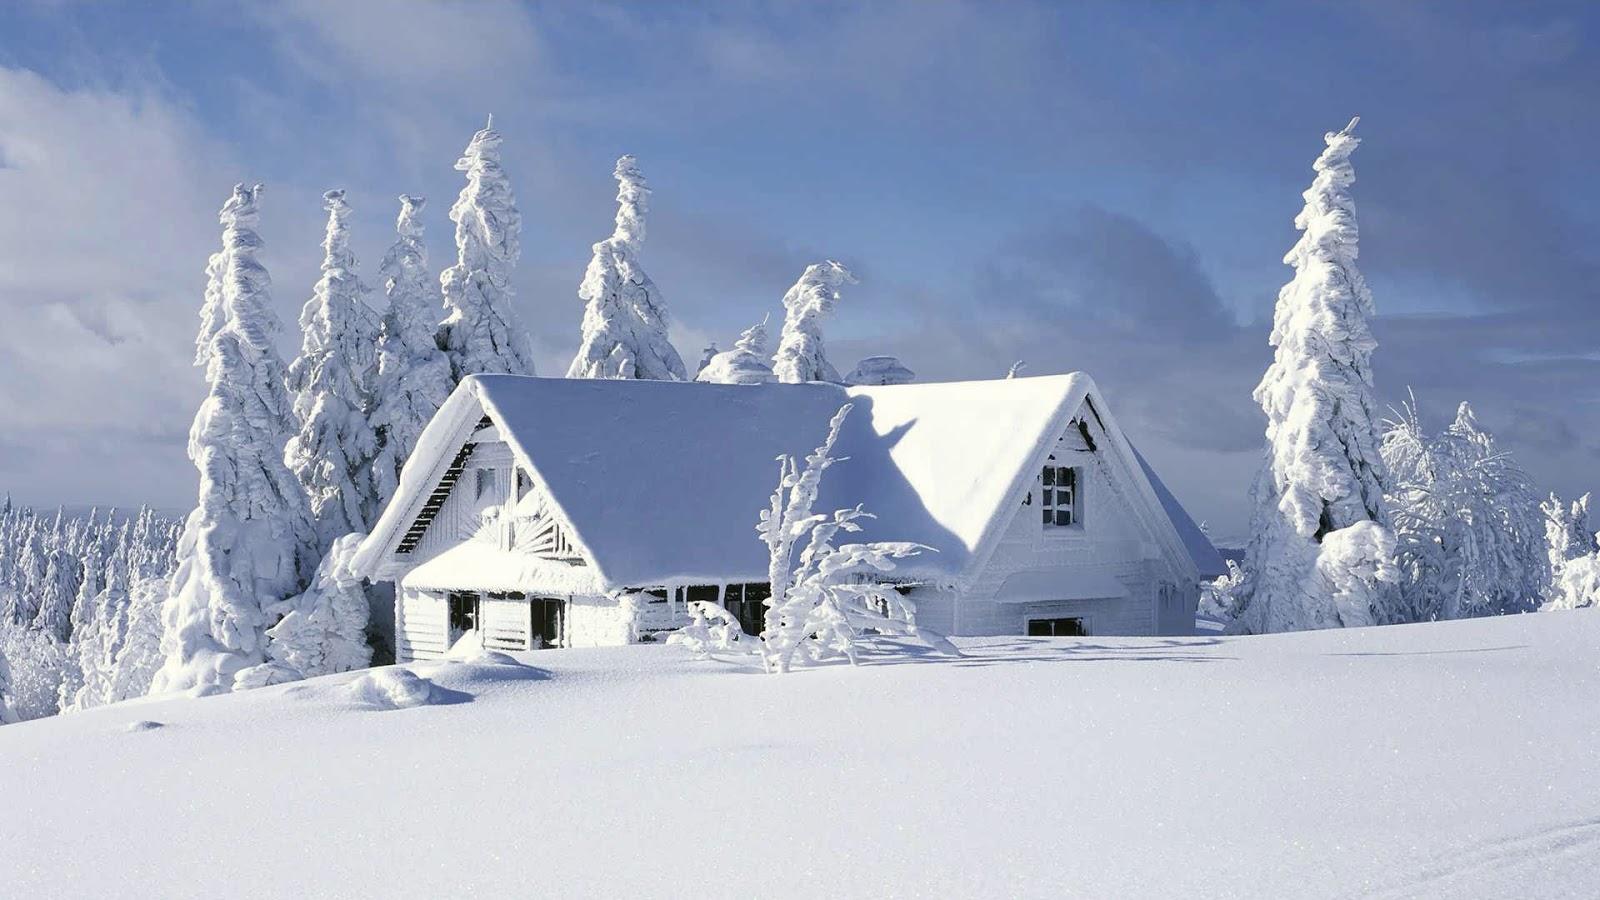 Le poids de la neige christian guay poliquin hop sous Beautiful snowfall pictures